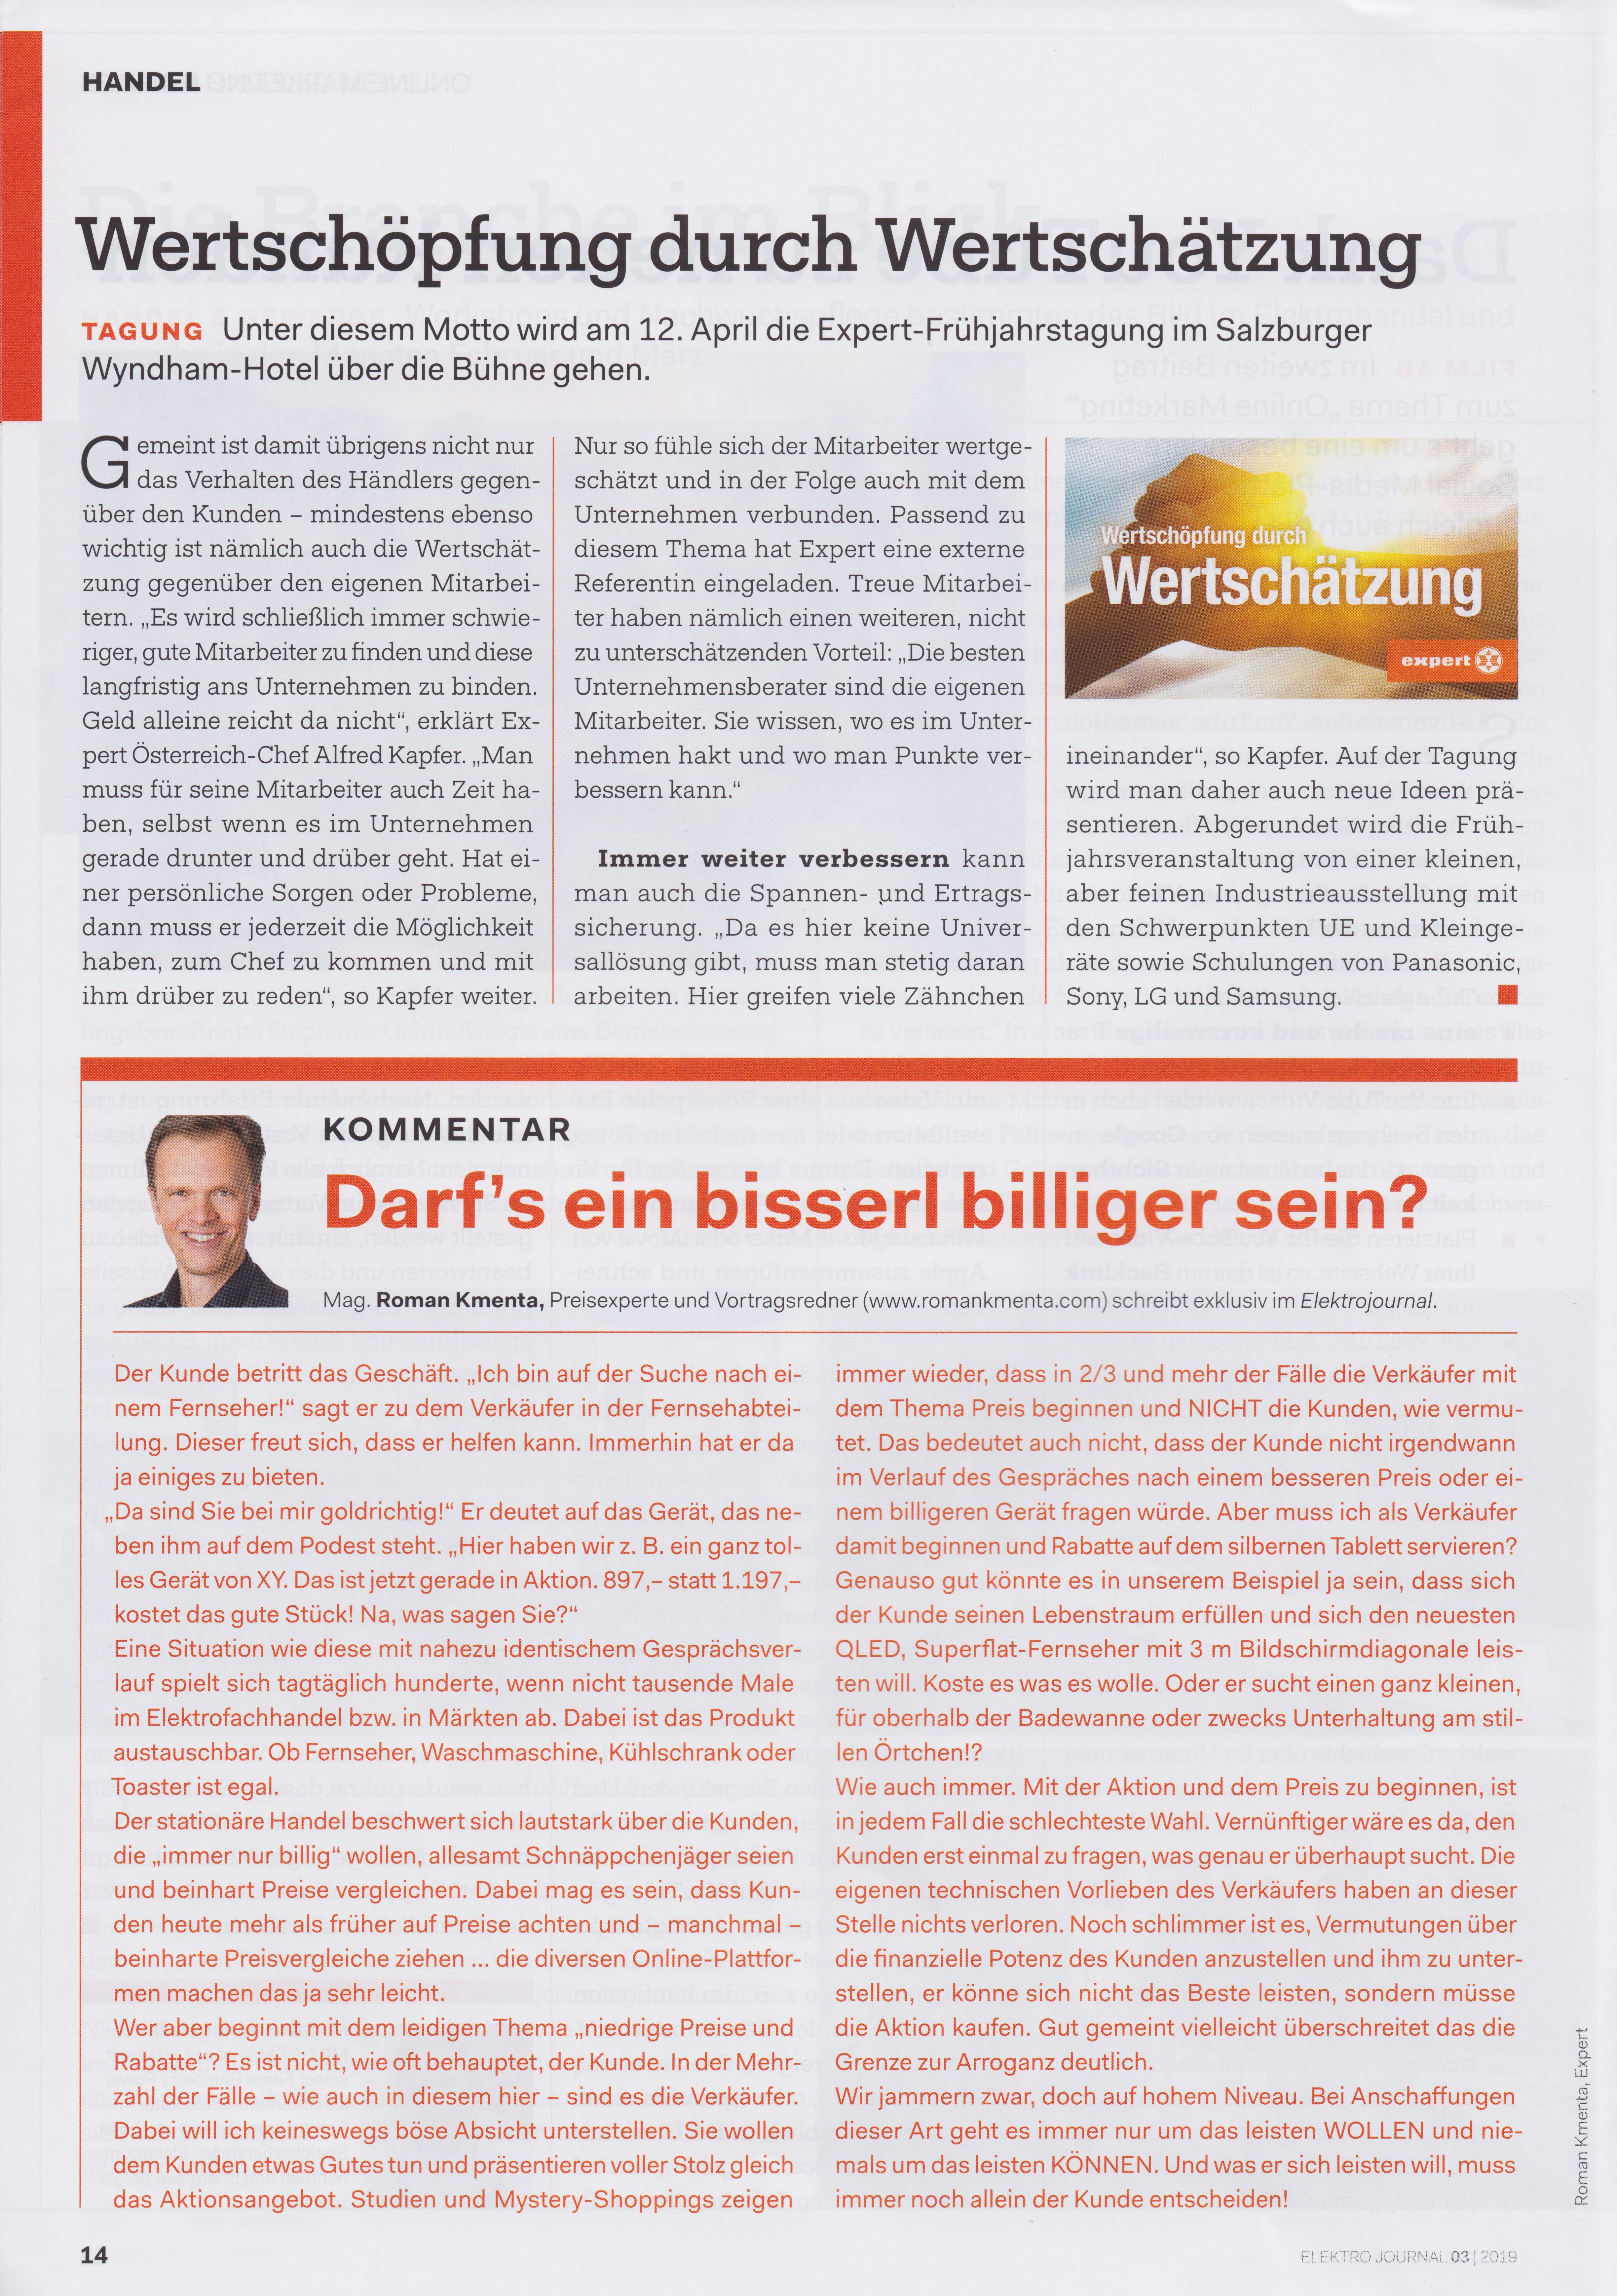 Elektrojournal 03 2019 - Kommentar von Mag. Roman Kmneta - Darf's ein bisserl mehr sein?